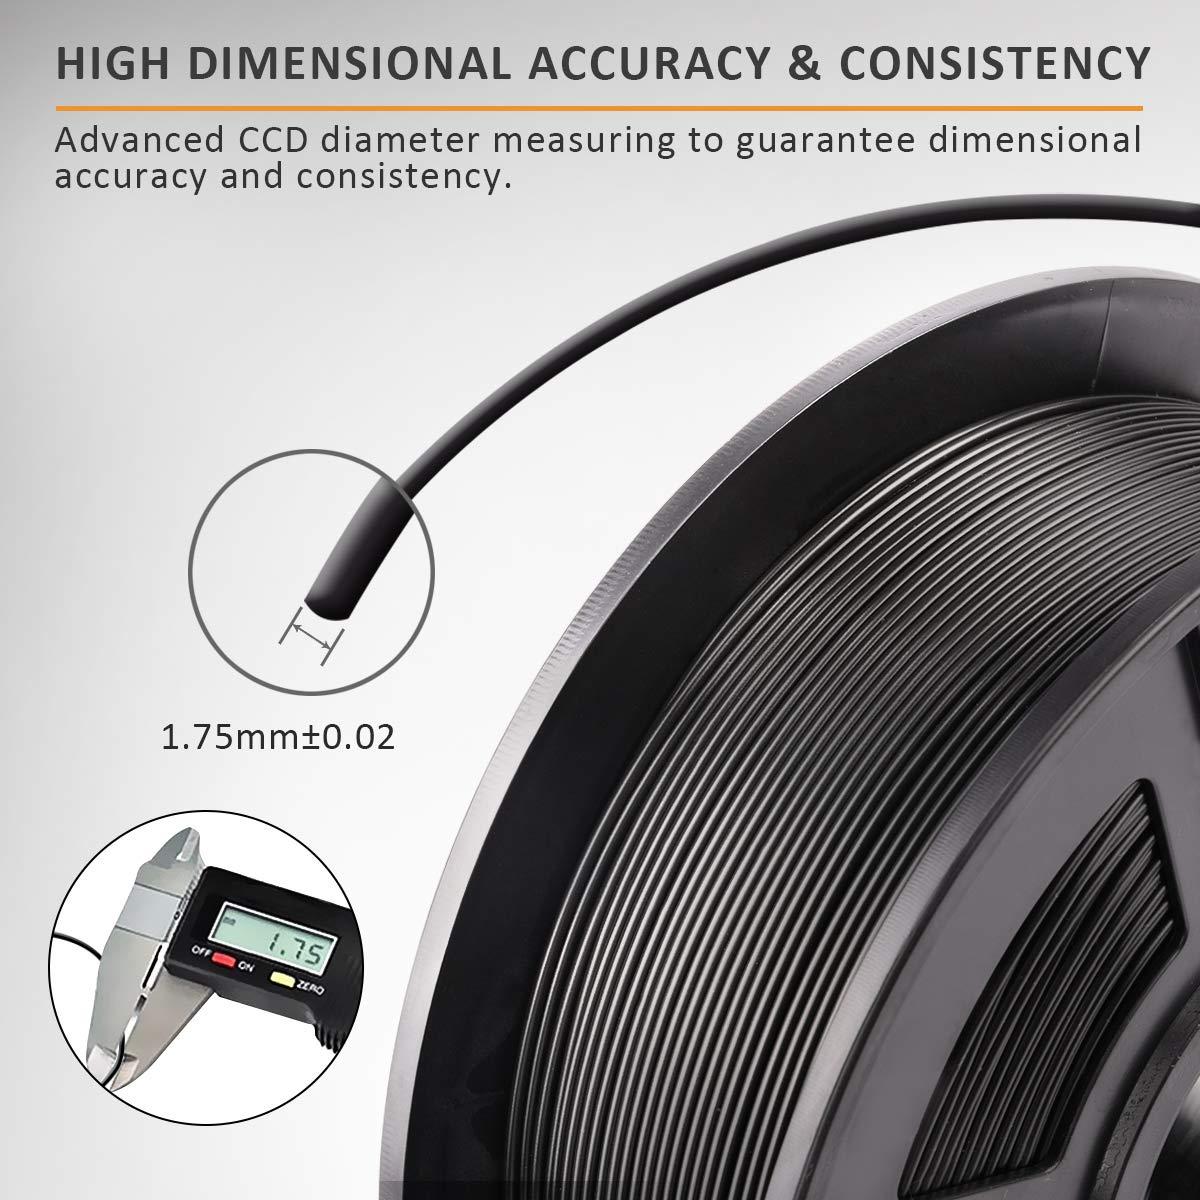 SUNLU Filamento ABS 1.75 Stampante 3D ABS Filamento 1kg Spool Tolleranza del diametro 0,02 mm,ABS Bianco //